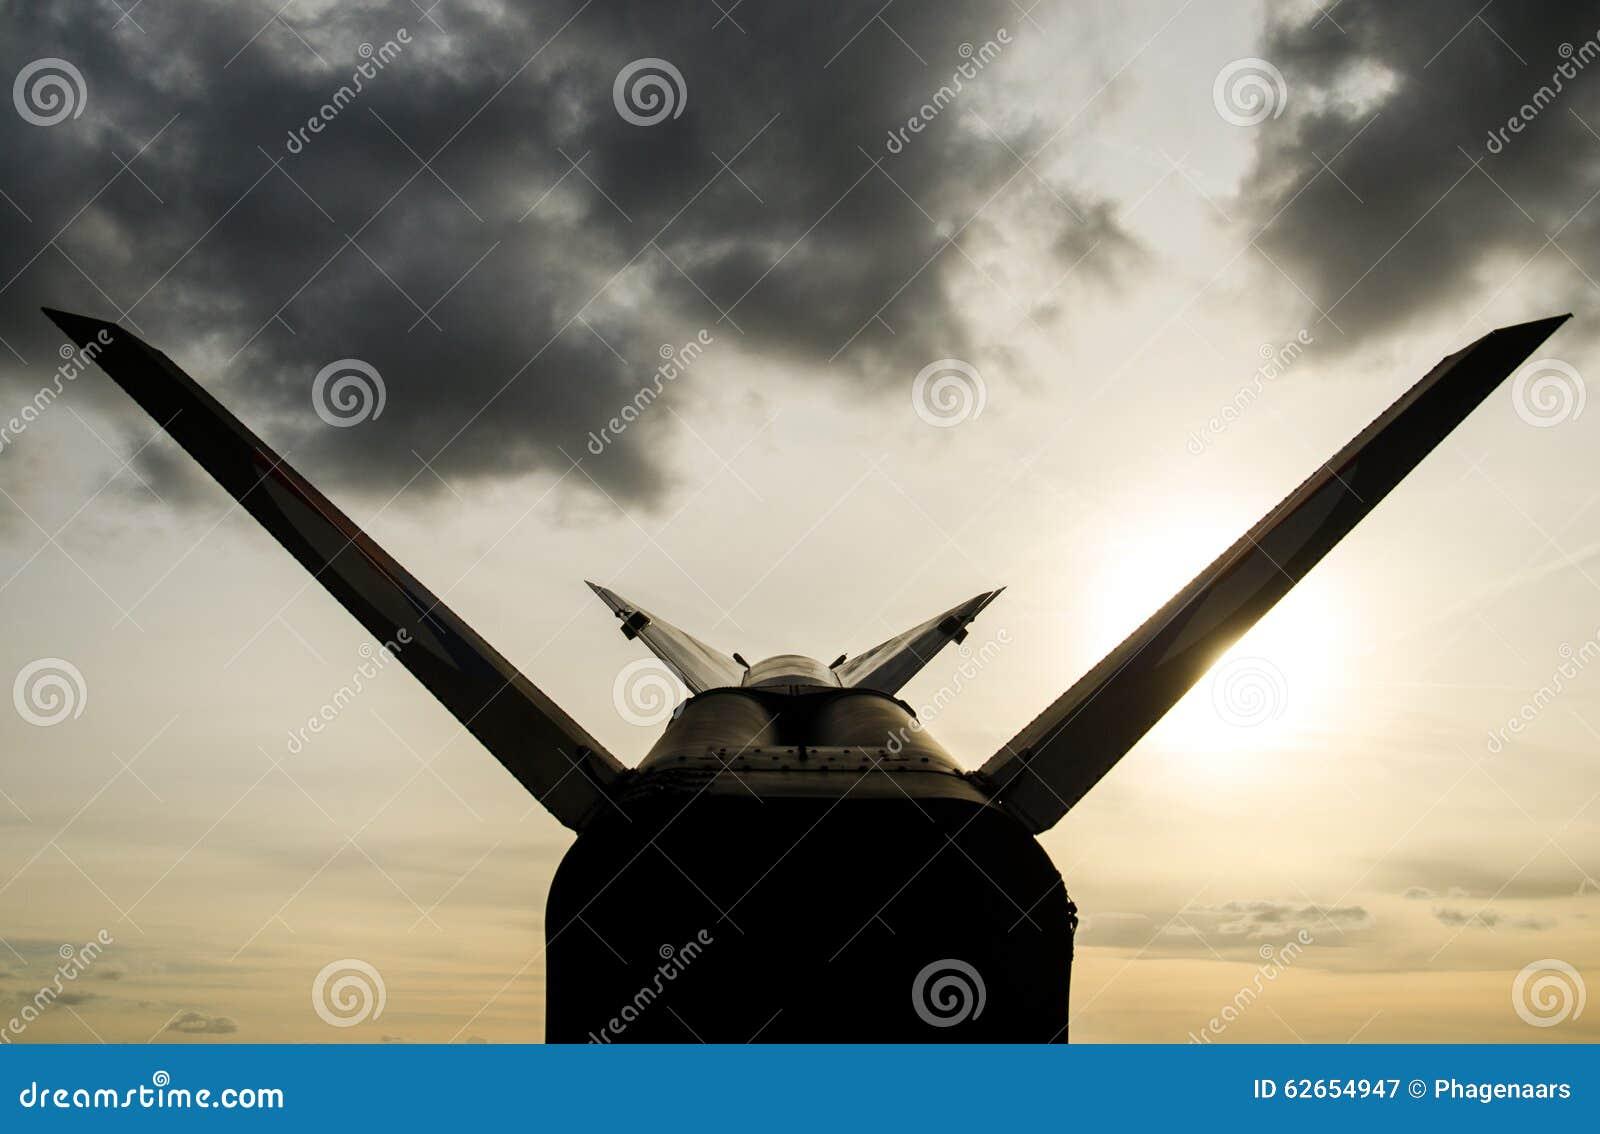 forze aeree nike